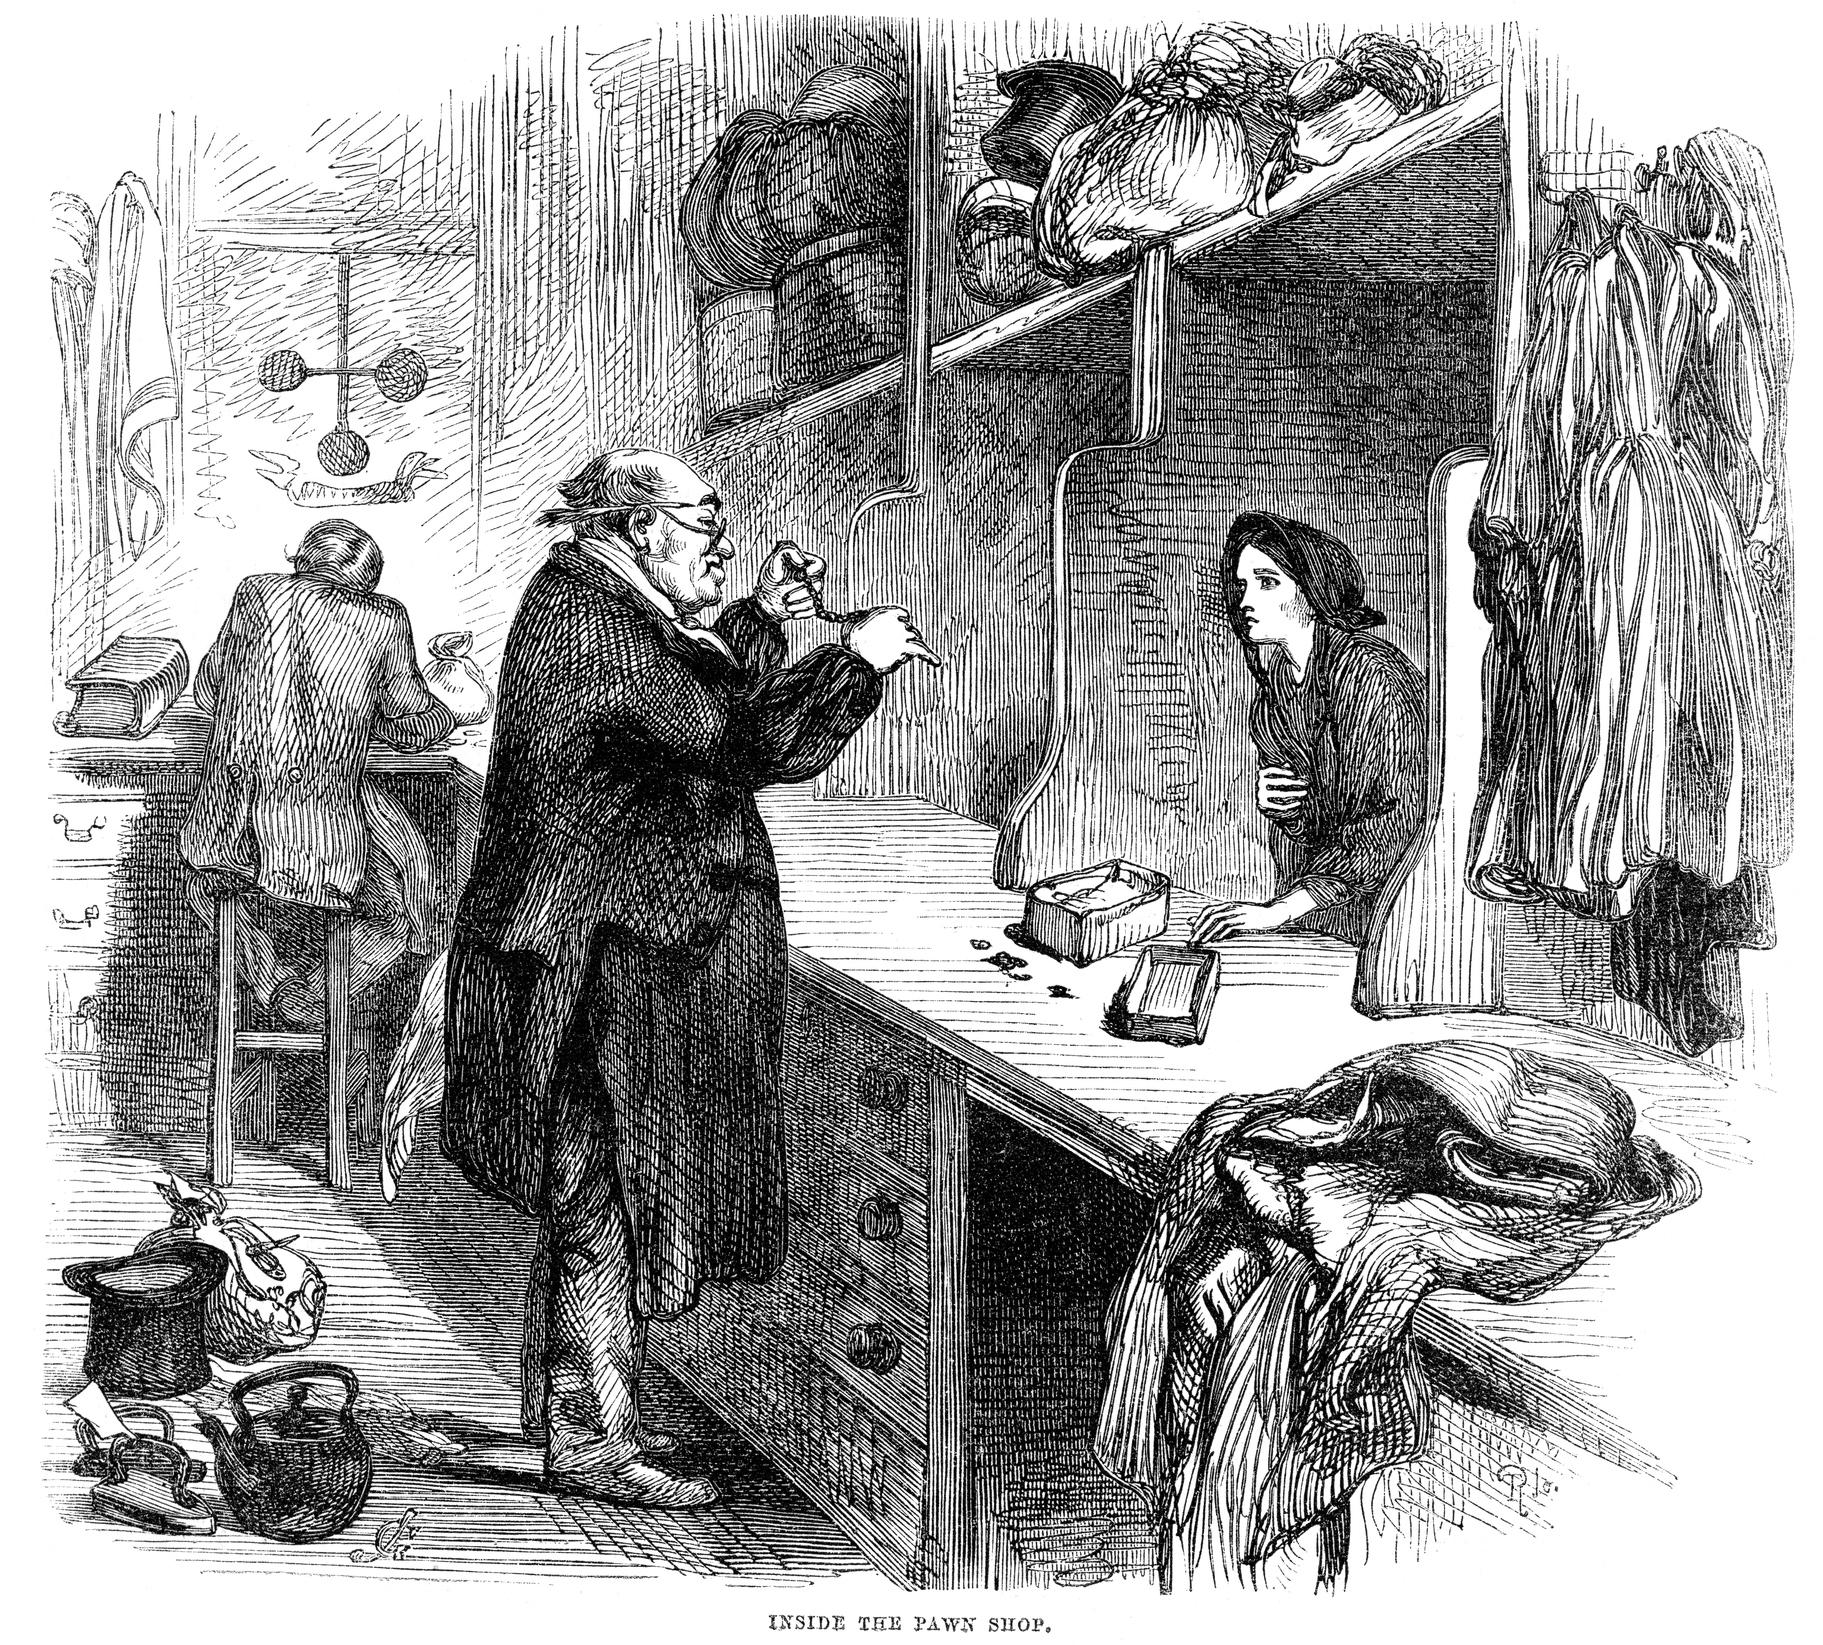 En la historia encontramos cuentos recurrentes sobre deudores que se vengan de usureros que fueron demasiado lejos.